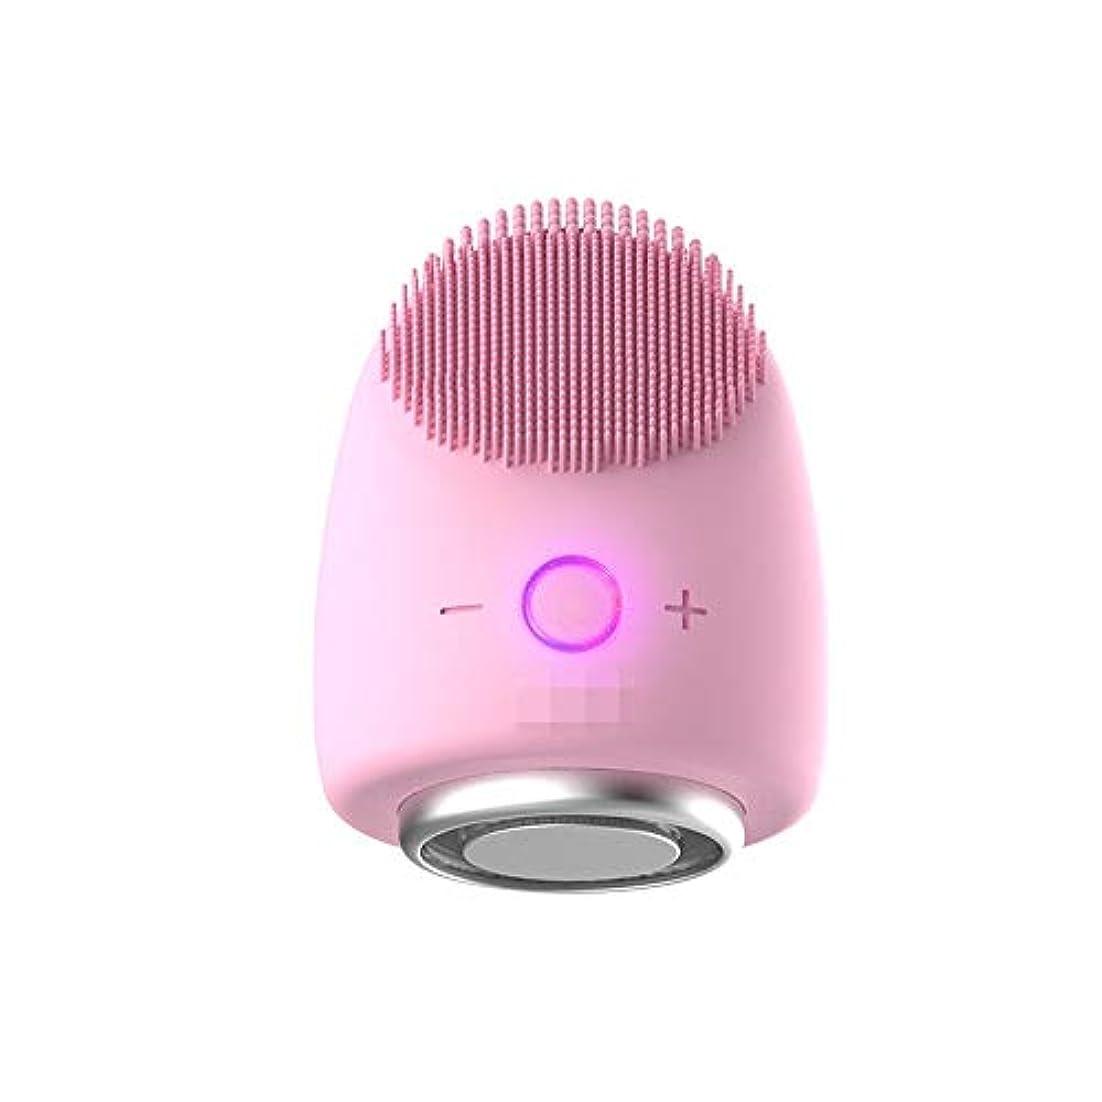 Donghechengkang 多機能美容器具洗浄器具導入器具凝縮ホットドレッシング肌活性化器具 (Color : ピンク)